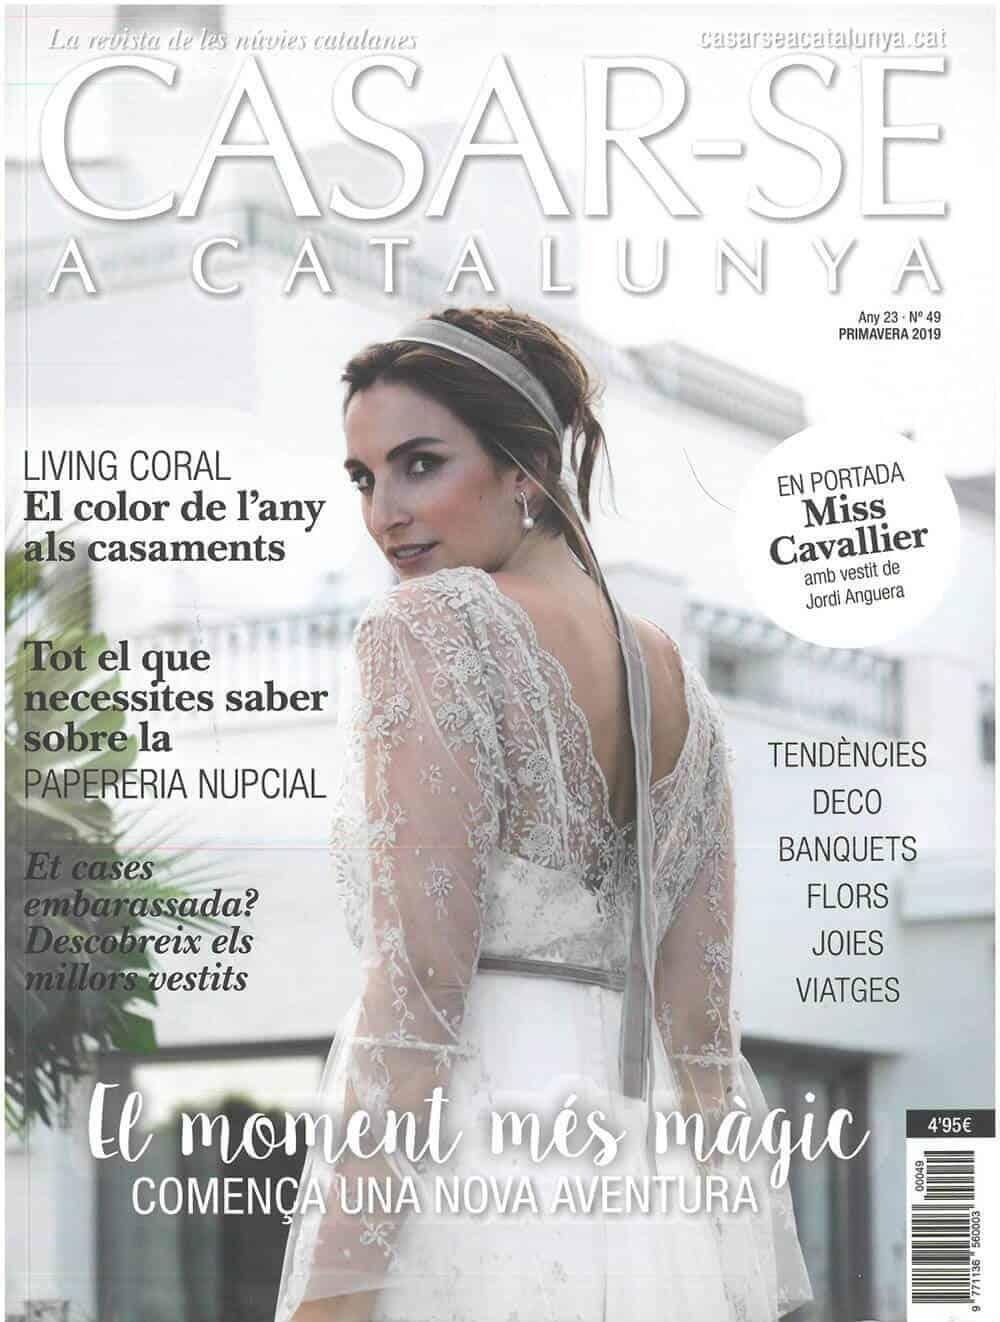 revista casar-se a catalunya bodas castillo cortal gran